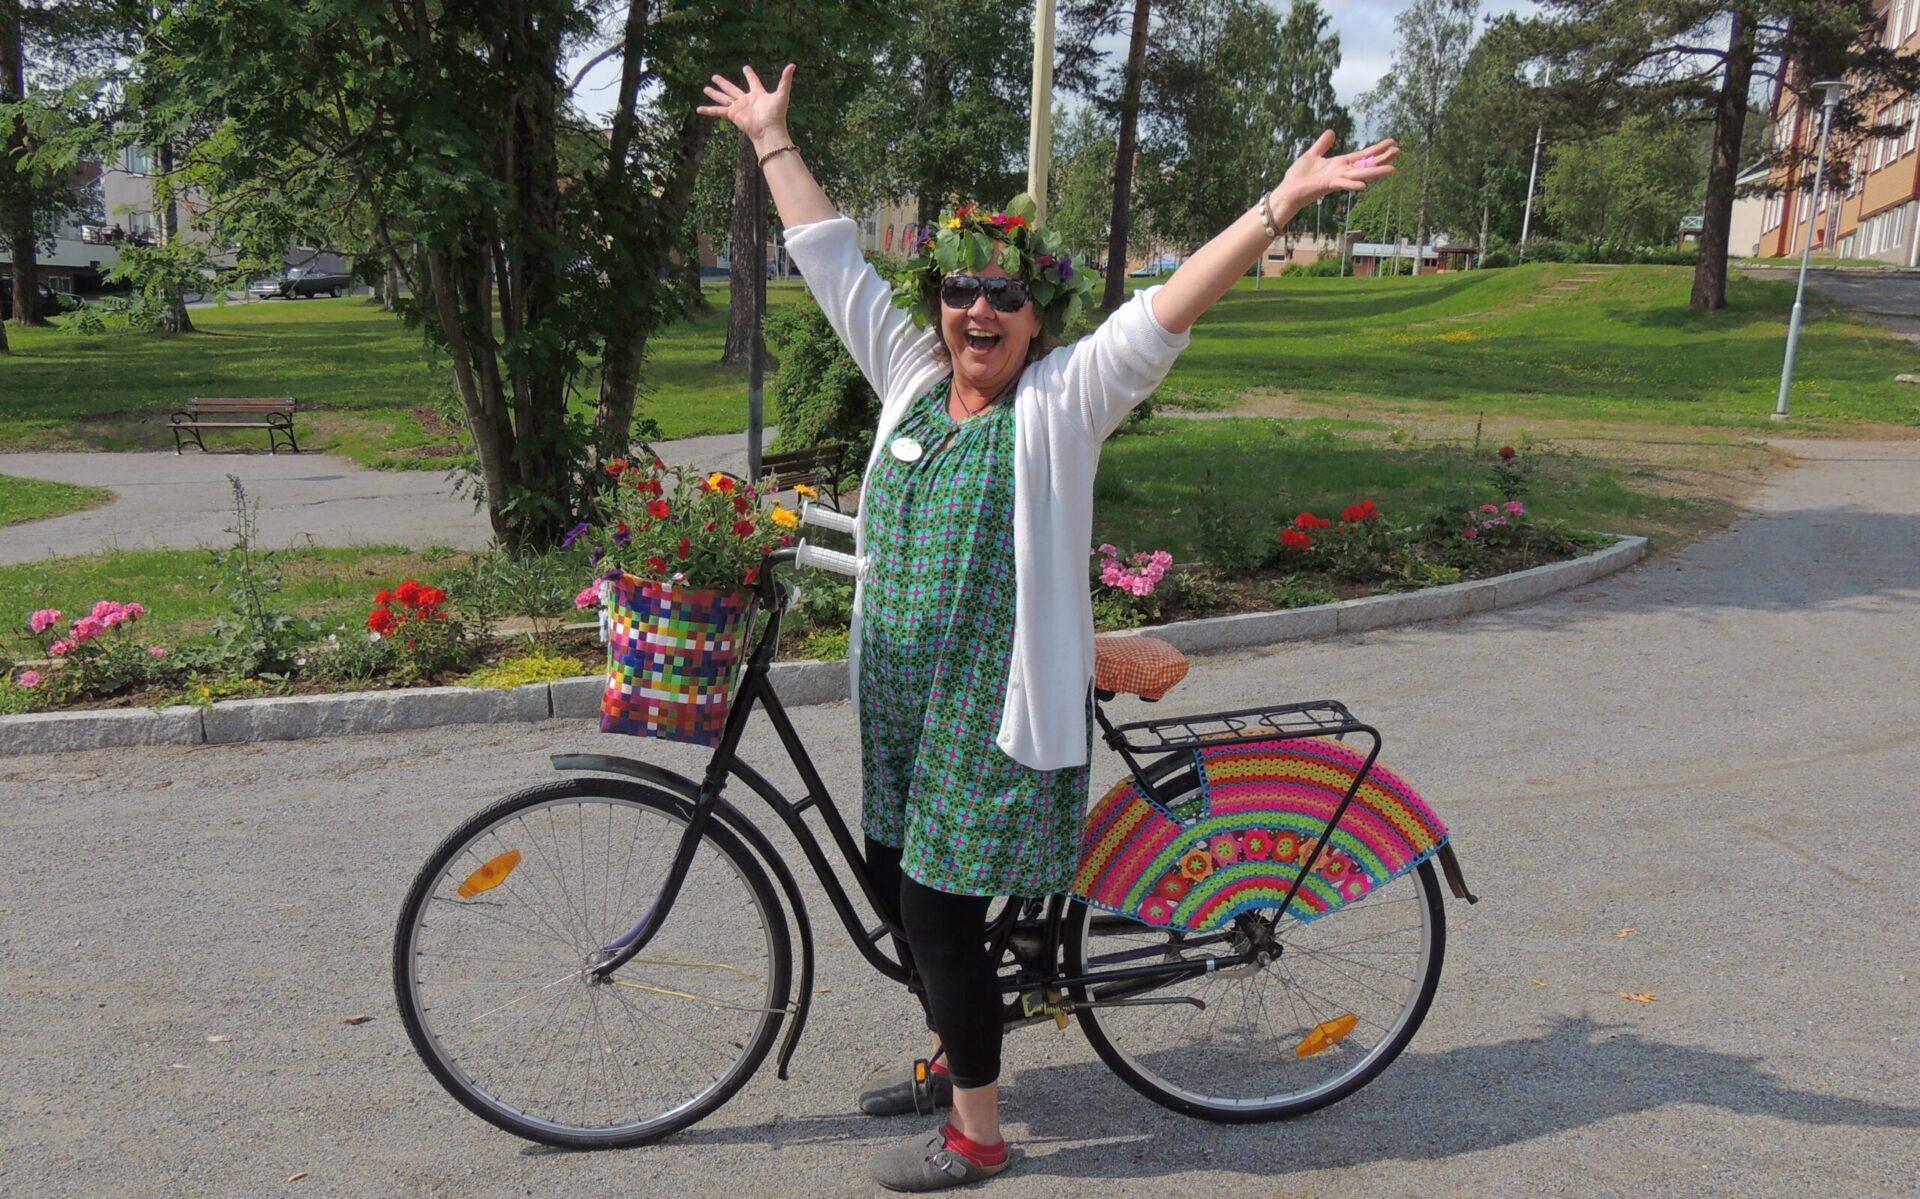 Lotta Cykelglädje